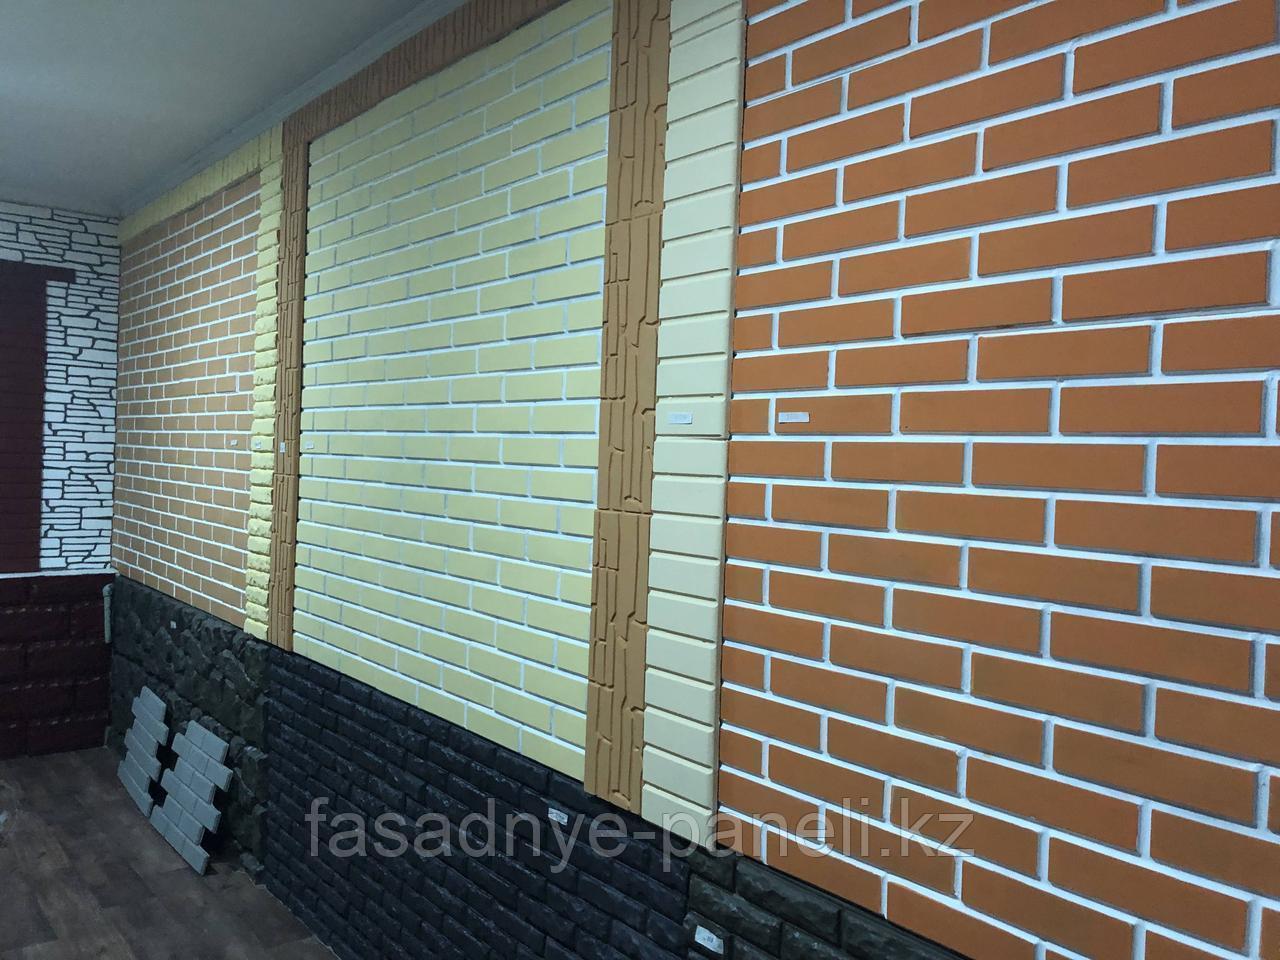 """Термопанель для отделки деревянного дома Fasade-EXPERT, фактура кирпич """"Классика"""" с утеплителем 50мм - фото 8"""